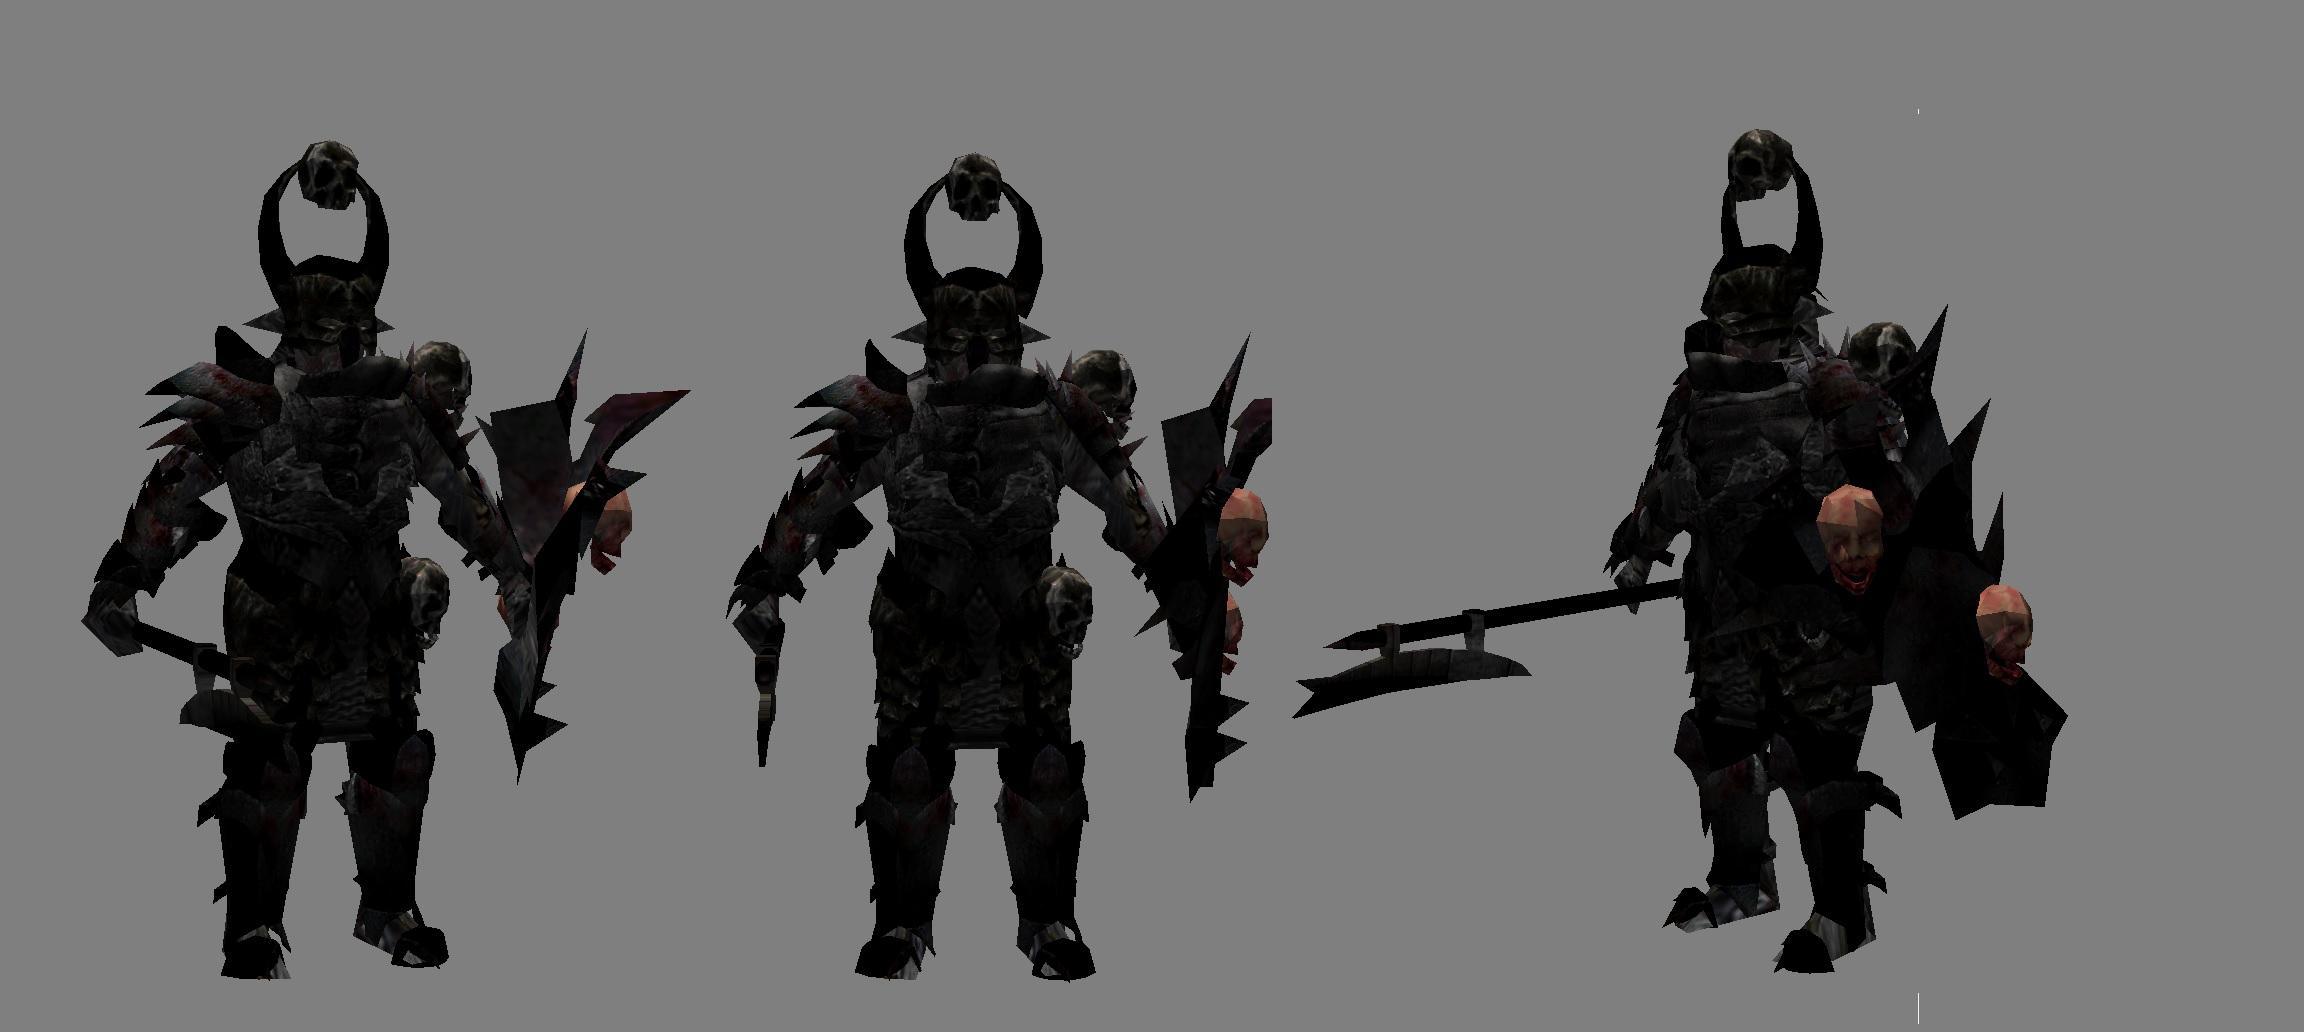 morgul2.jpg